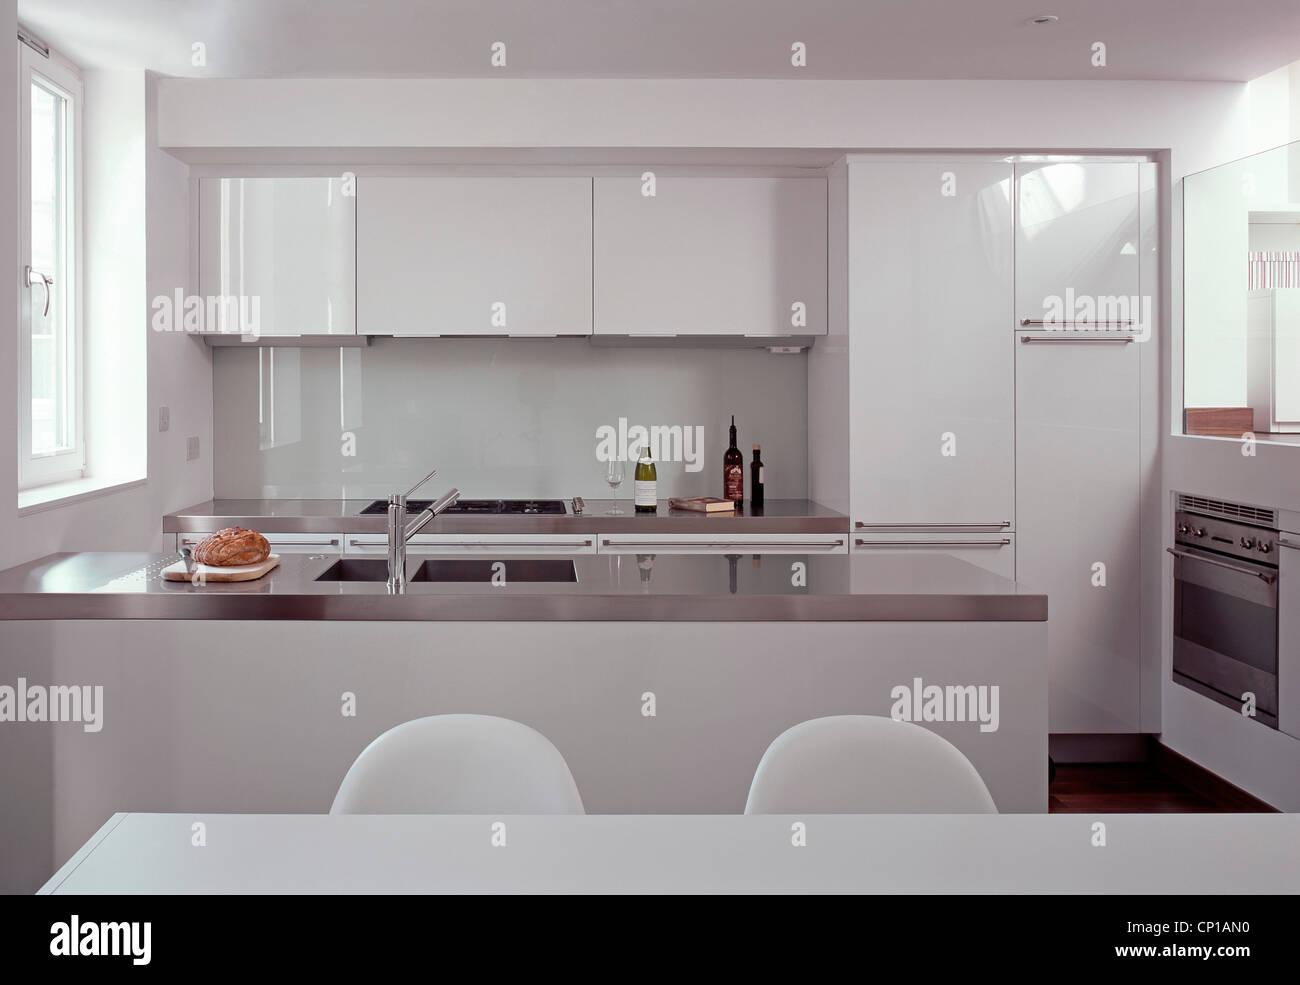 London Modern Kitchen Stockfotos & London Modern Kitchen Bilder ...